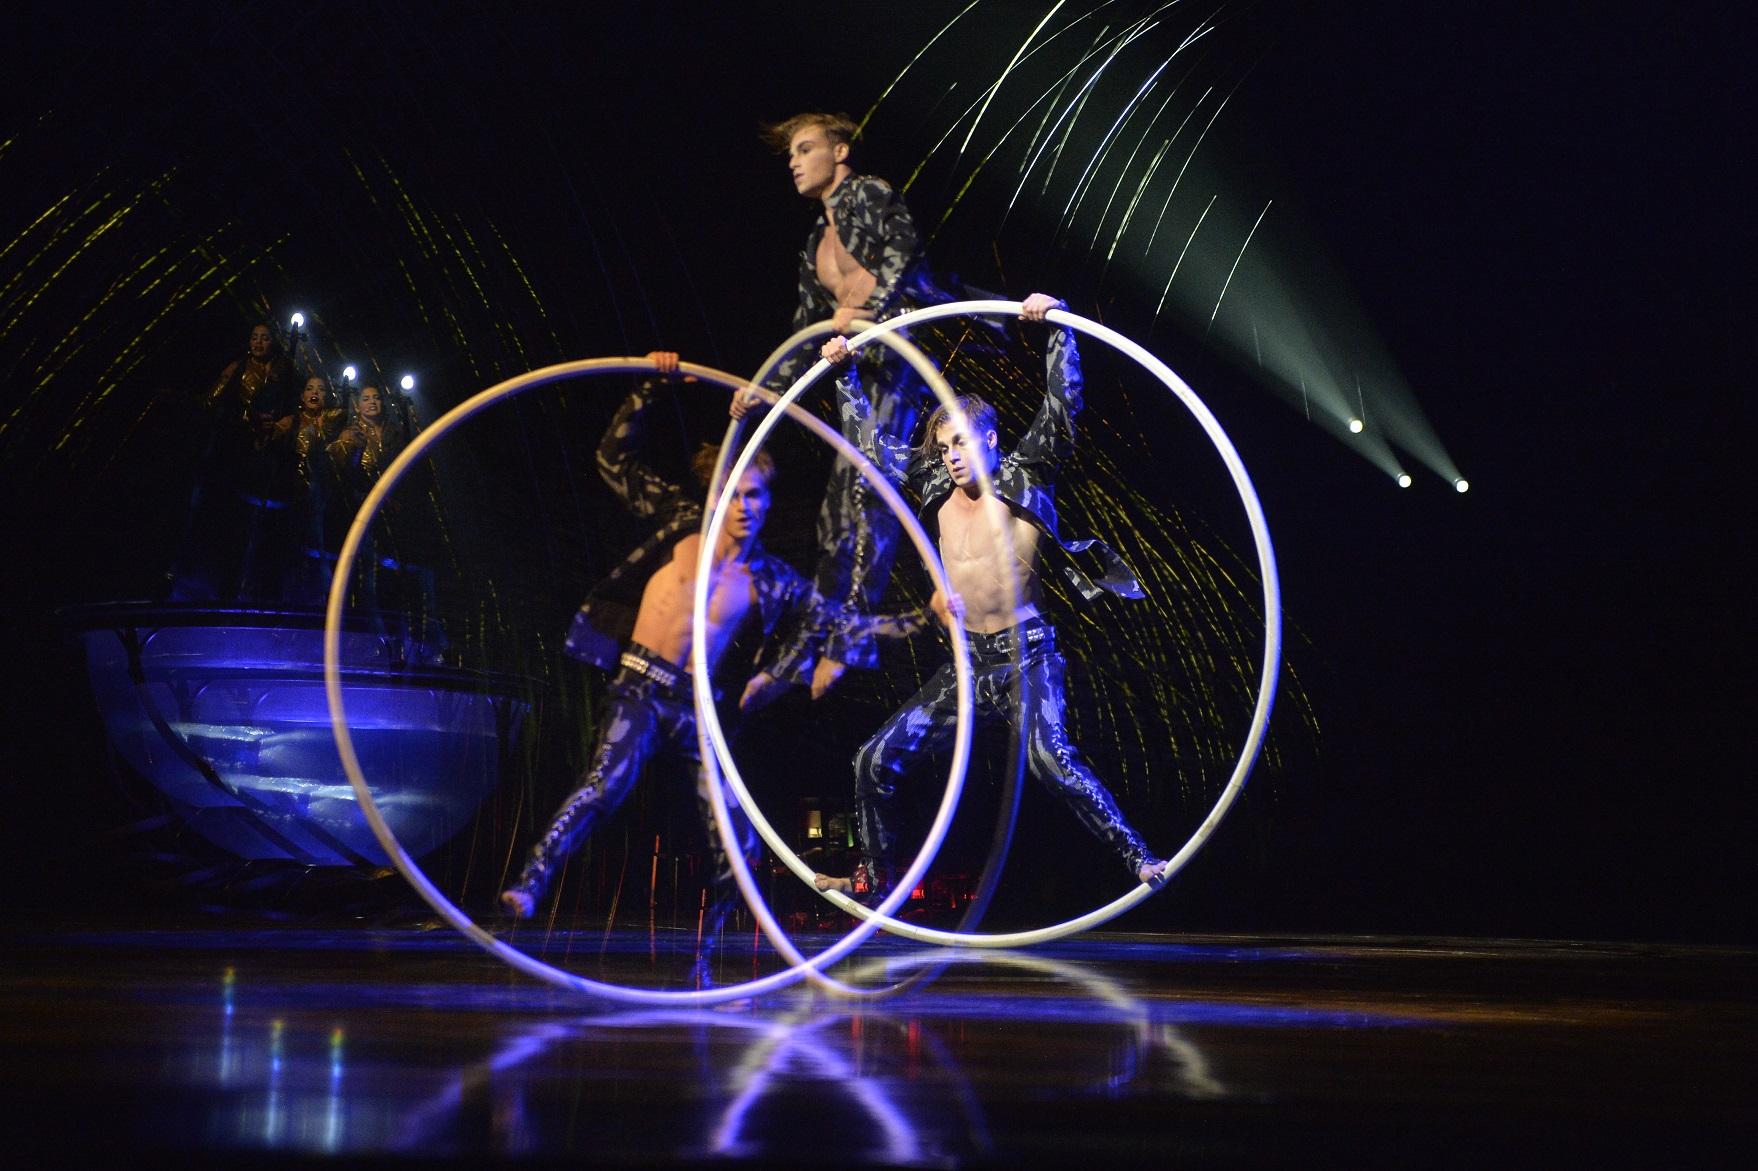 Fundado em 1984, no Canadá, o Cirque du Soleil, segundo a revista 'Fortune', faturou US$ 845 milhões em 2014, o equivalente, hoje, a R$ 2,8 bilhões. Foto Levi Bianco/Brazil Photo Press